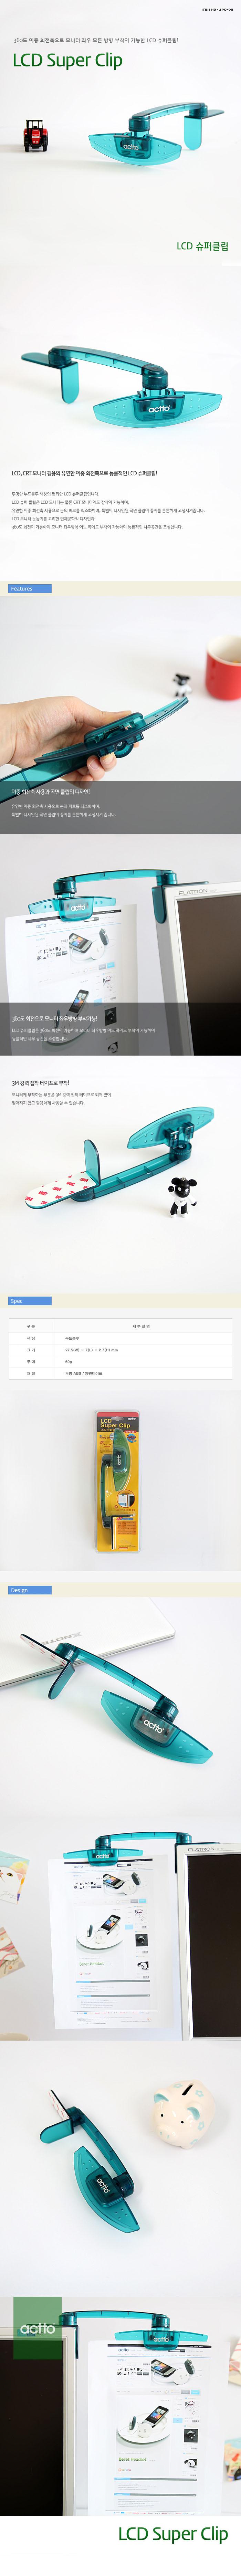 잇템 엑토 LCD슈퍼클립 SPC08 - 오너클랜, 17,500원, 모니터 용품, 모니터 받침대